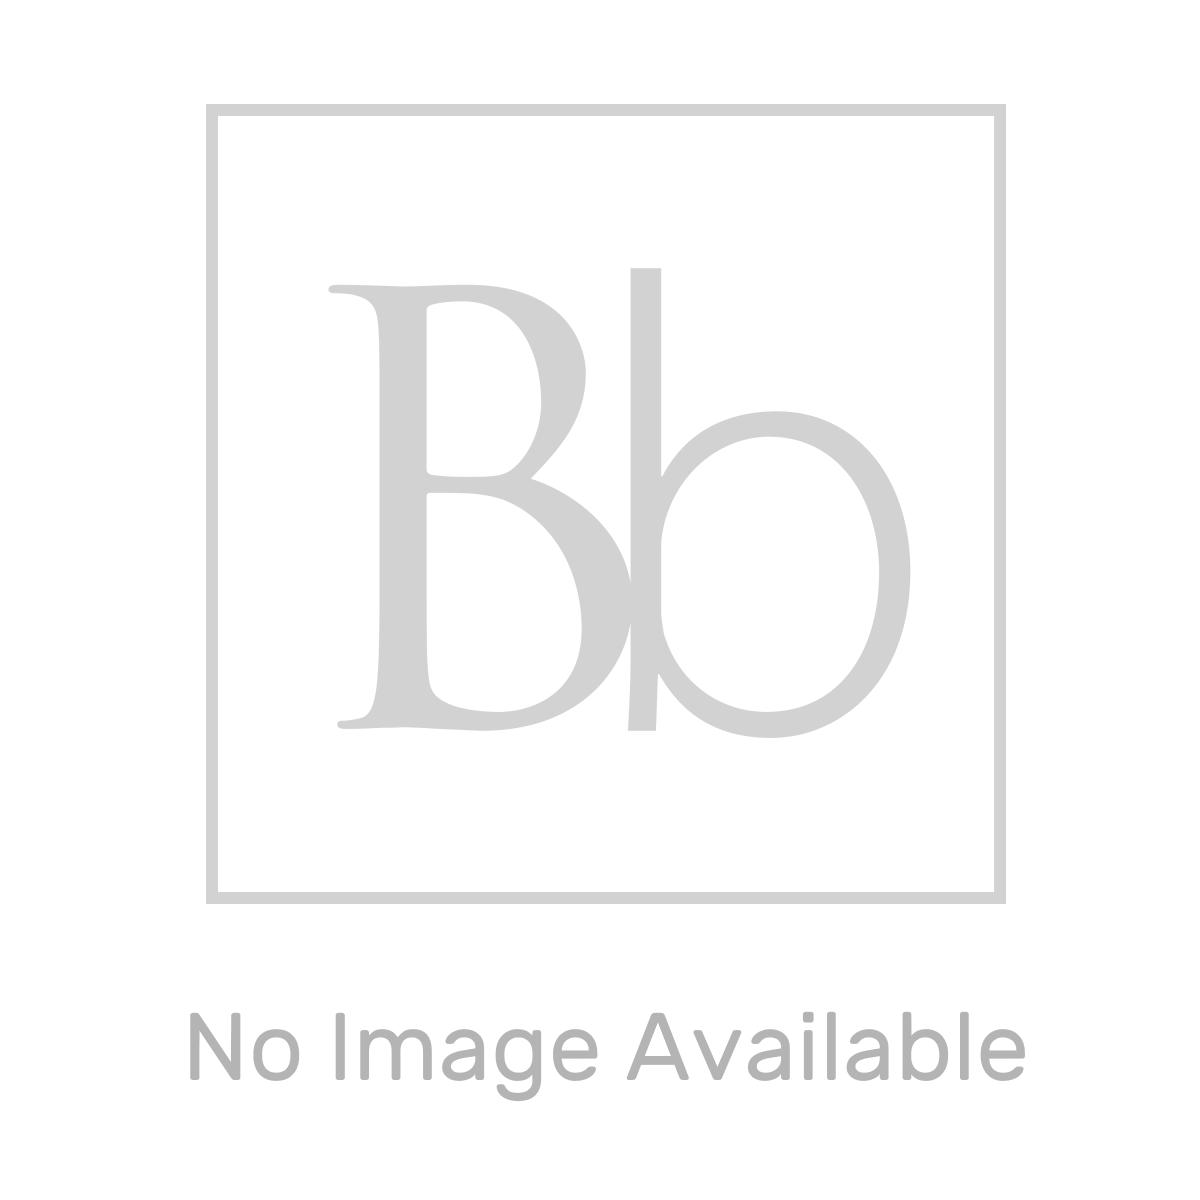 RAK Ecofix Matt Chrome Flush Plate with Rectangular Push Buttons